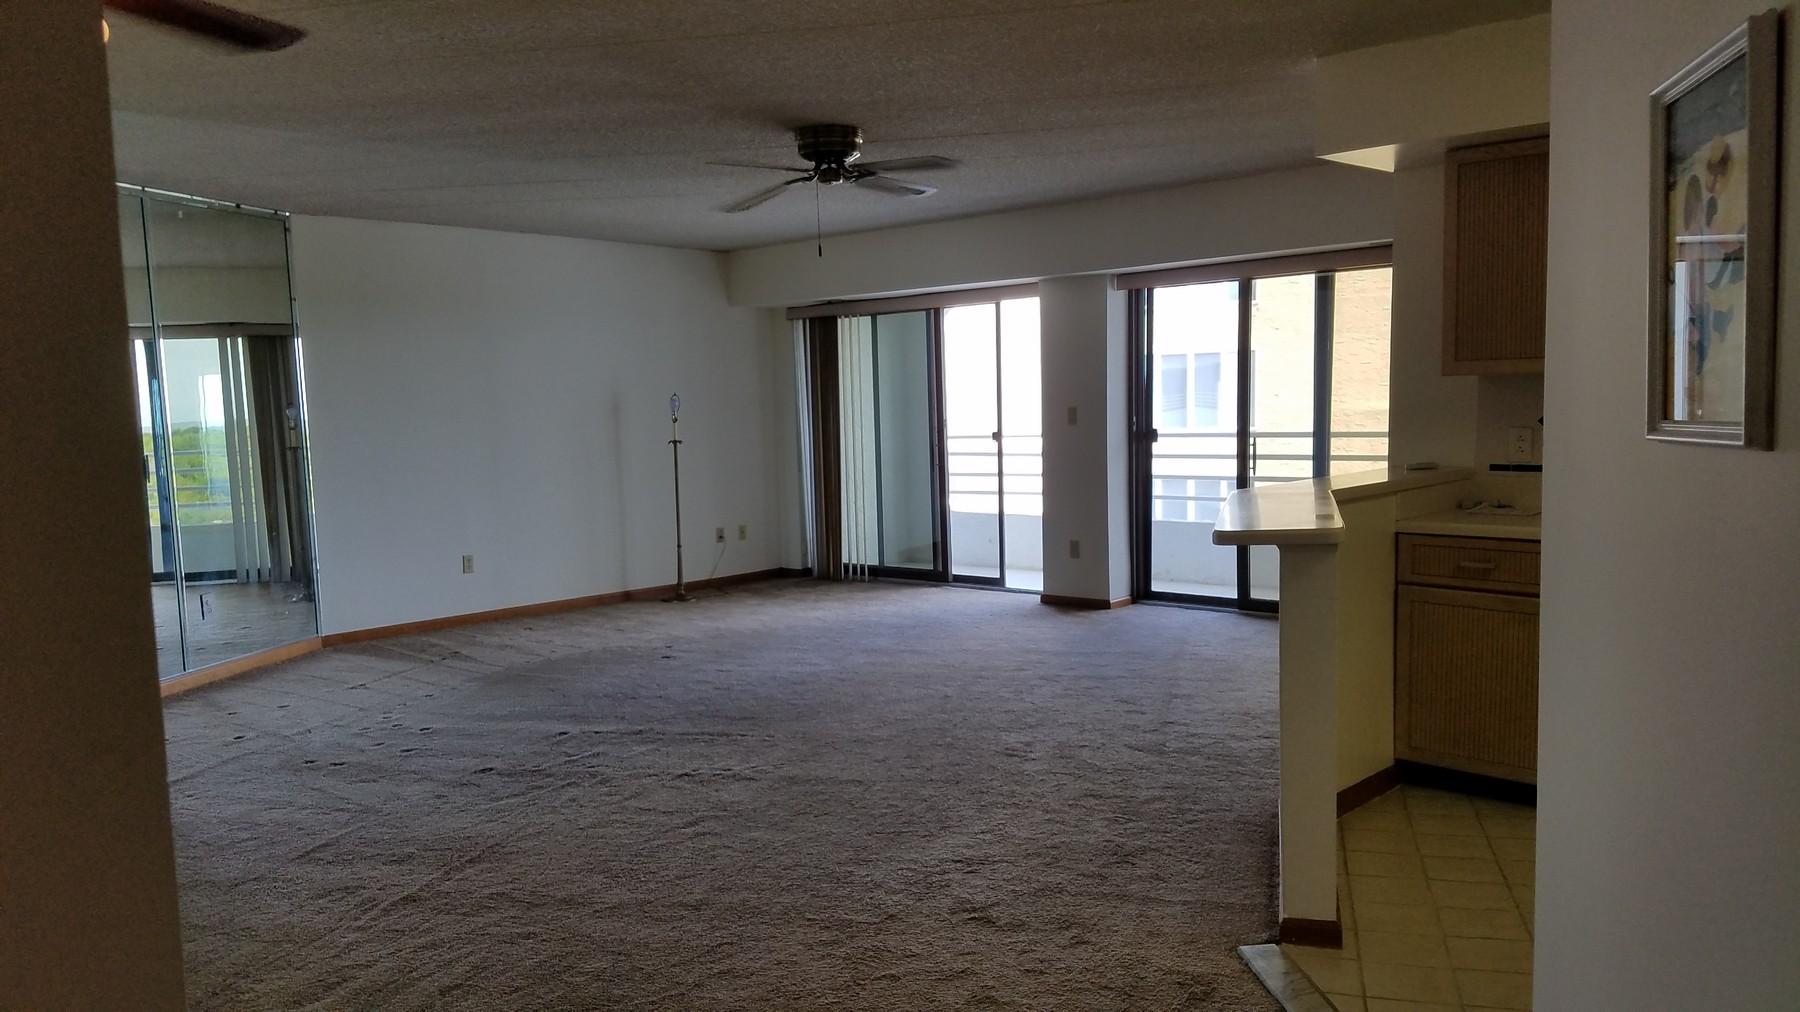 Condominium for Rent at 4401 Ocean Ave Unit 301 Brigantine, New Jersey 08203 United States